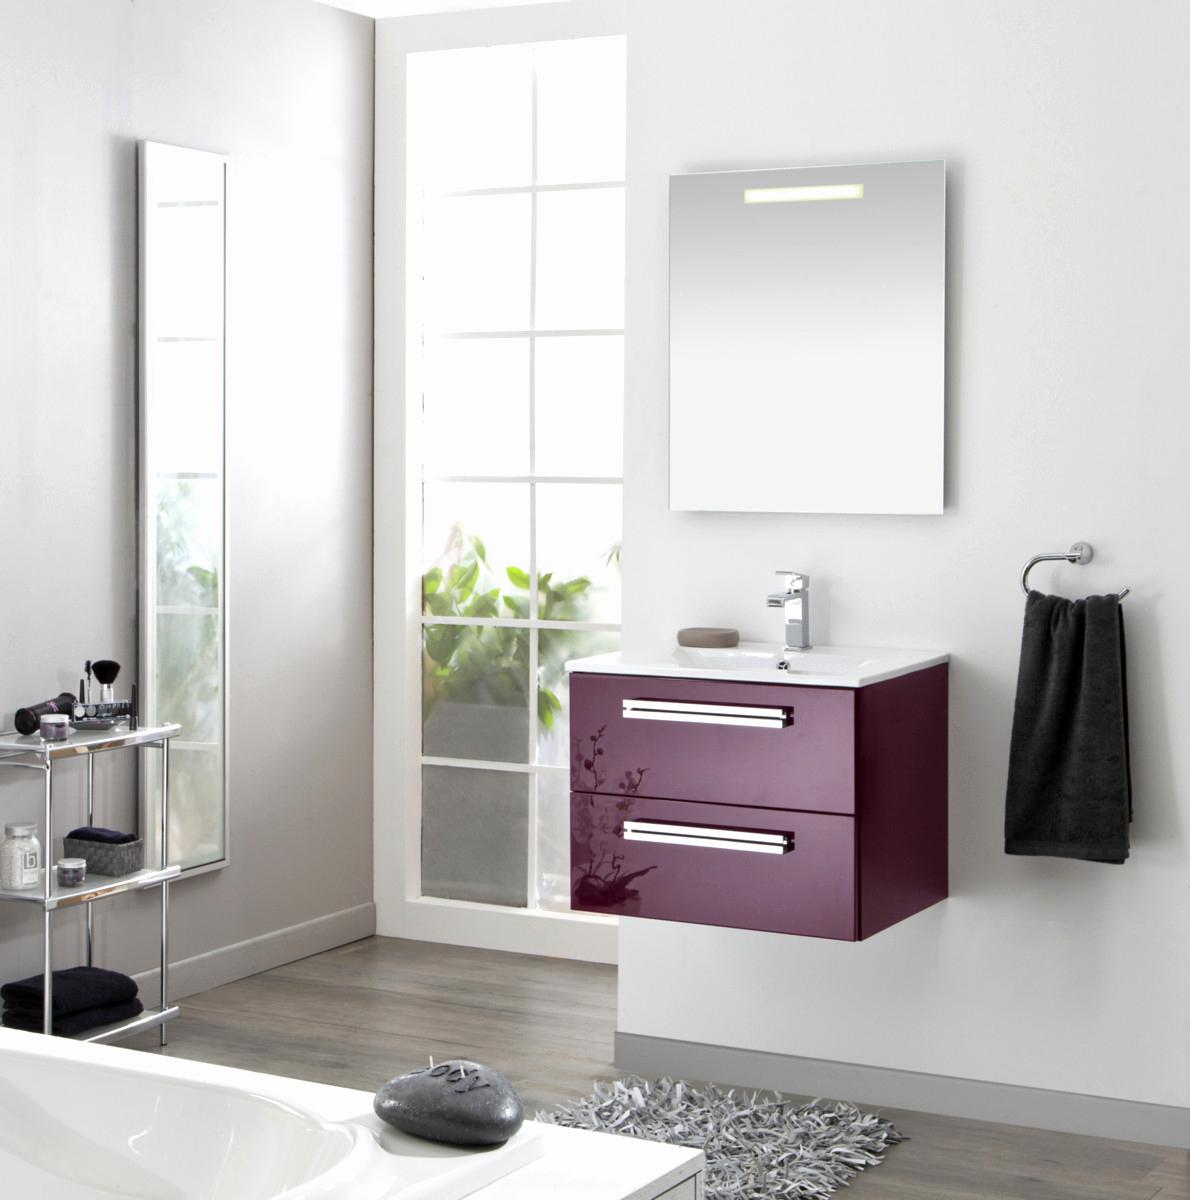 Meuble haut salle de bain cedeo - Boutique-gain-de-place.fr